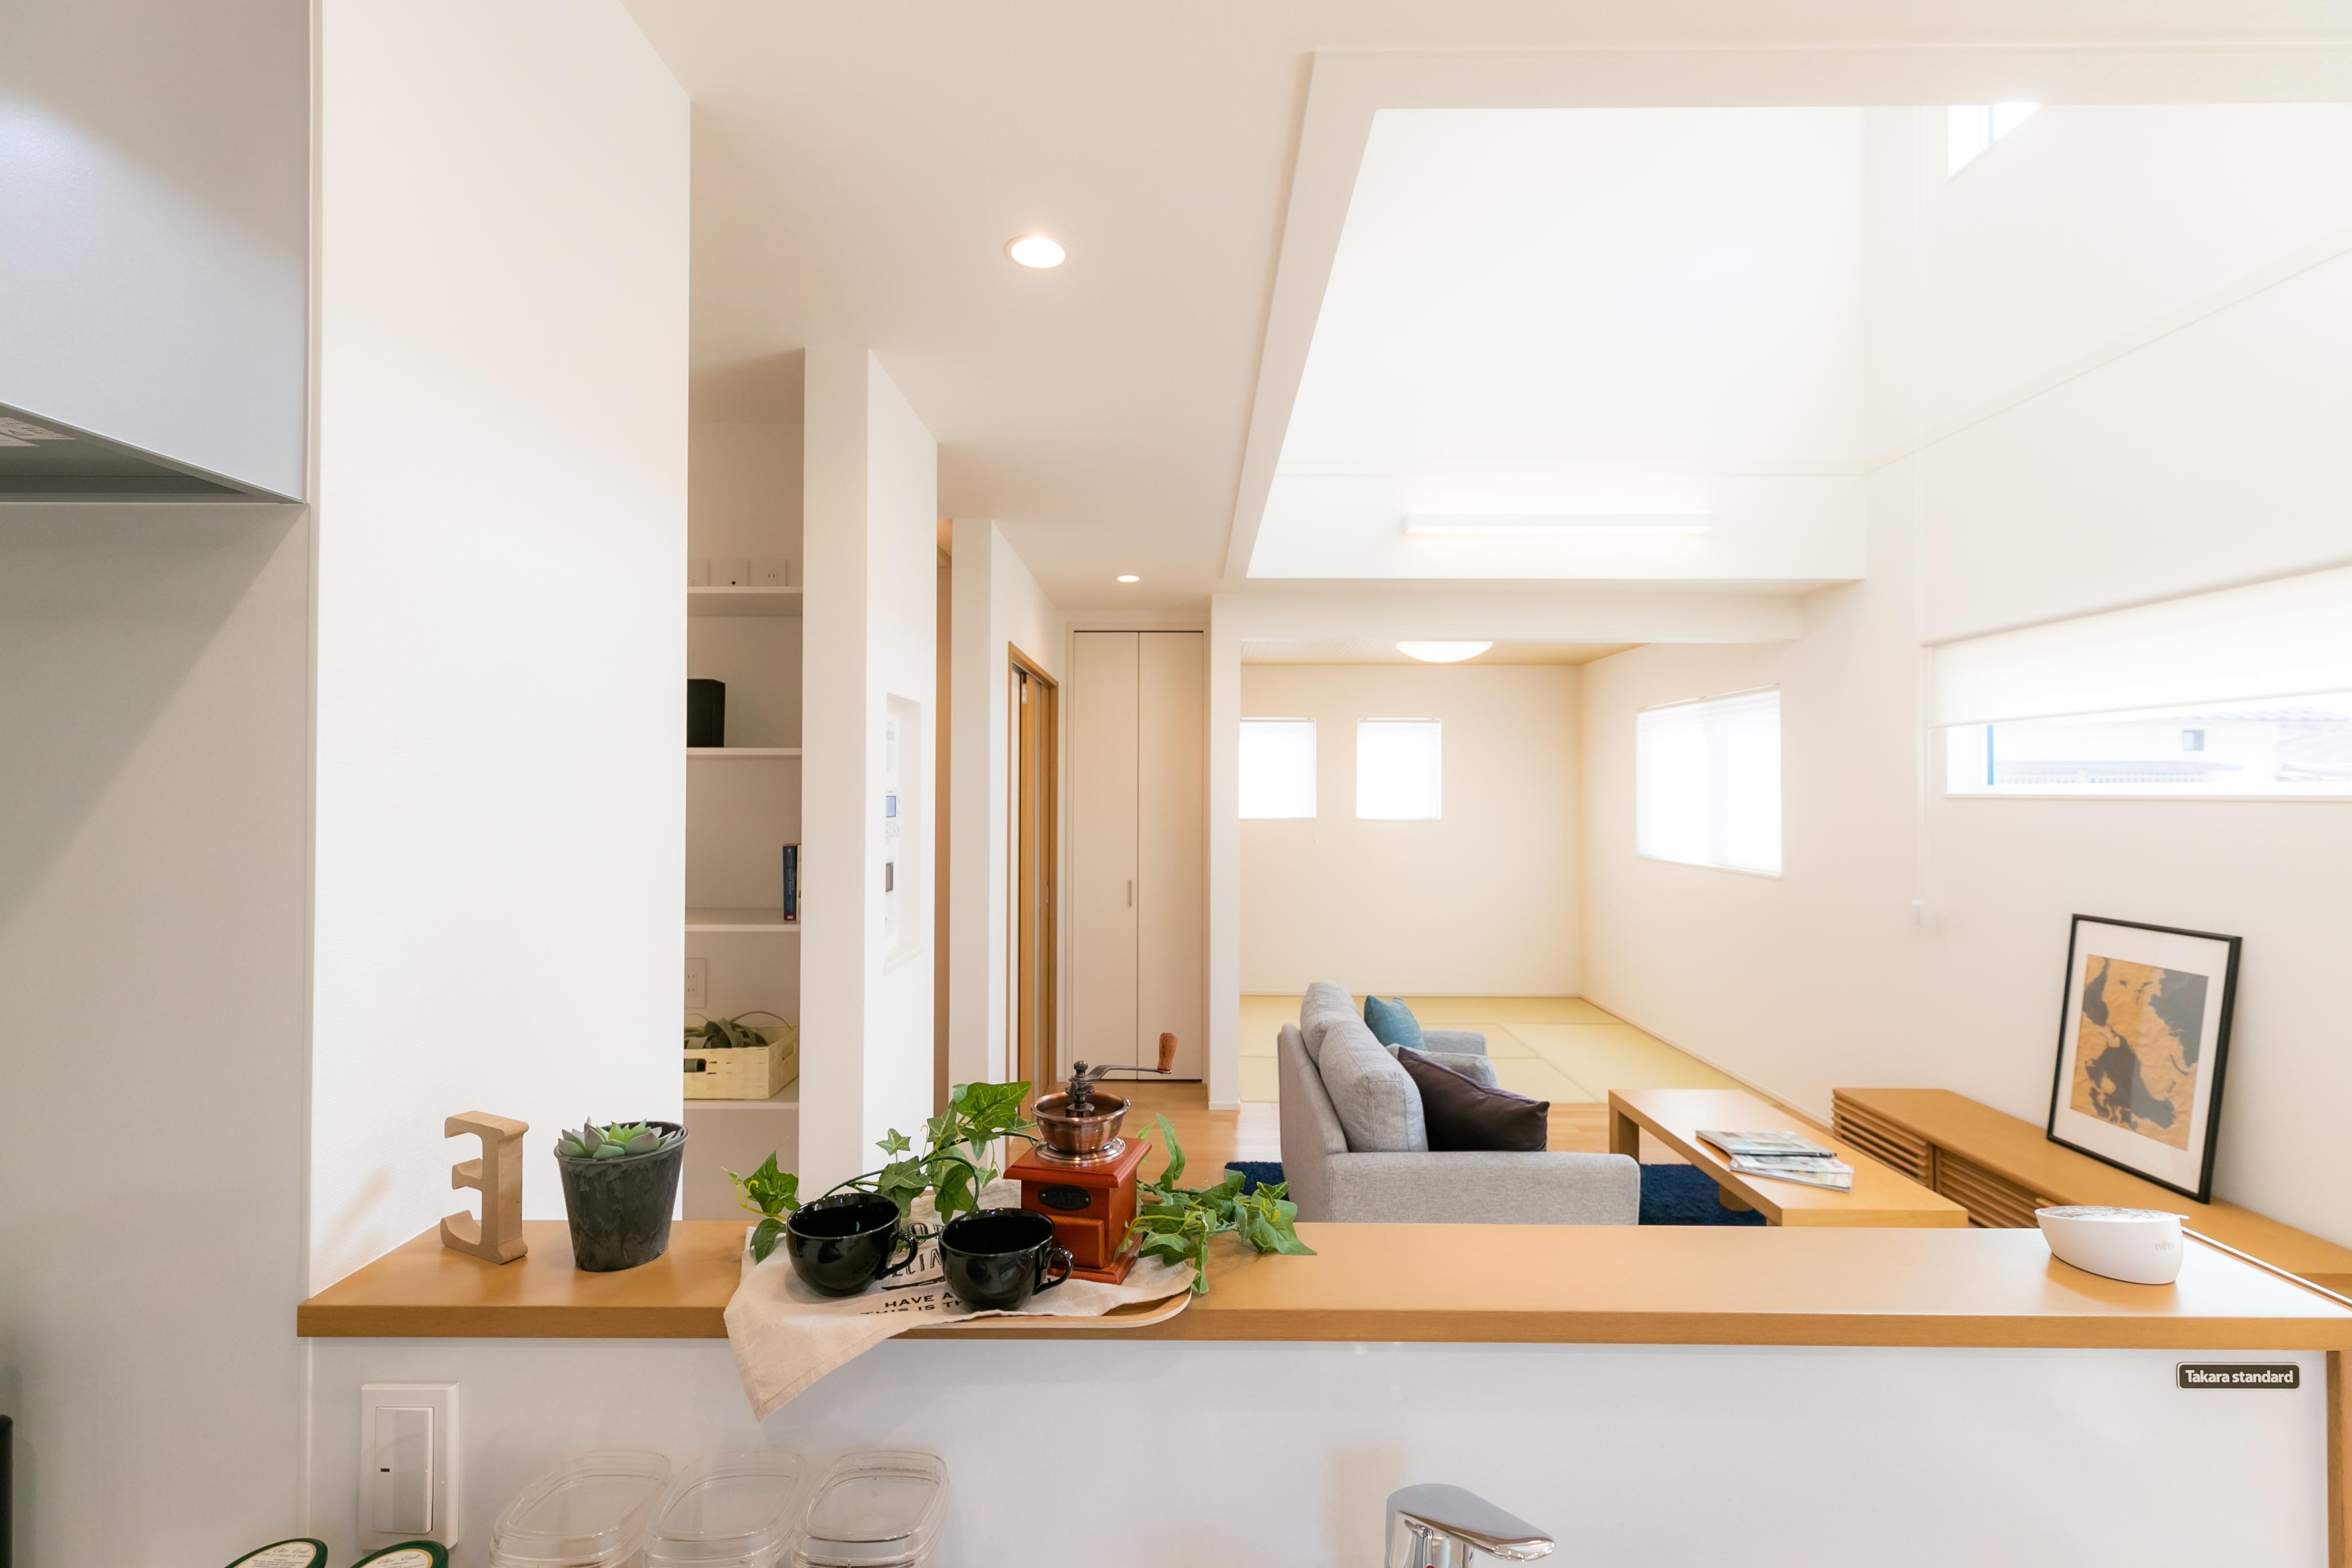 施工事例 / 太陽の光で明るいリビングが魅力の家 (今治市W様邸)